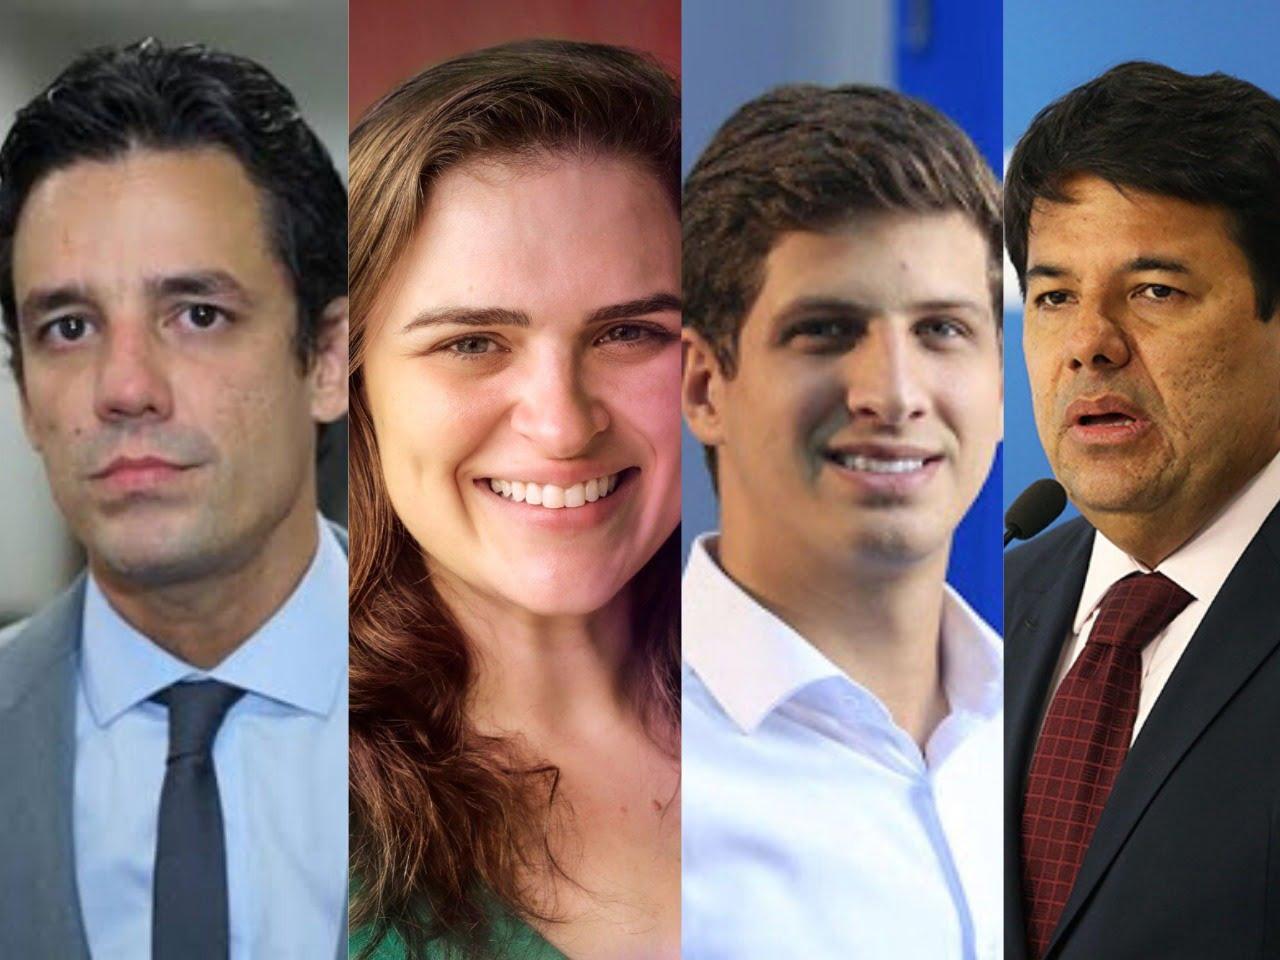 Pesquisa no Recife aponta empate técnico entre Daniel (15,5%), Marília (12,3%), João (9,8%) e Mendonça (9,6%).